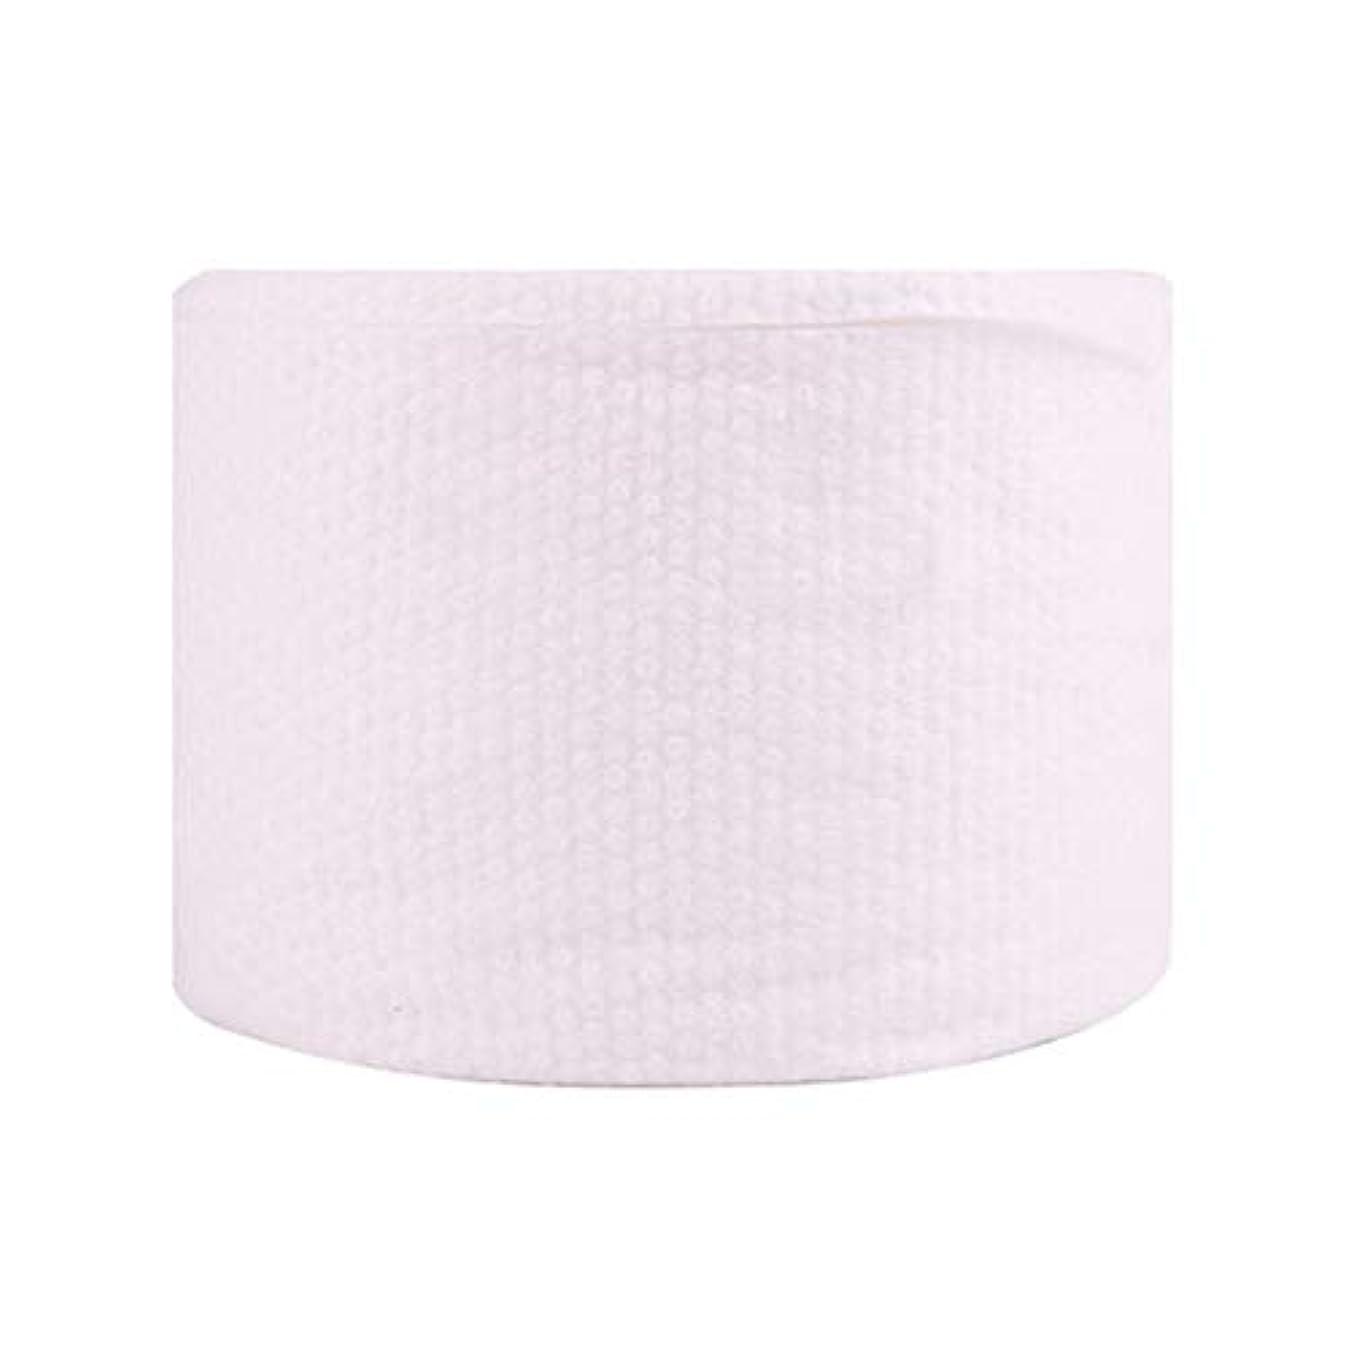 軽減するバブルネズミTOOGOO 使い捨てフェイスタオル化粧拭き取り綿パッド メイク落としパッド ソフトパッド化粧品 フェイスマスククレンジングケアフェイシャルナプキン